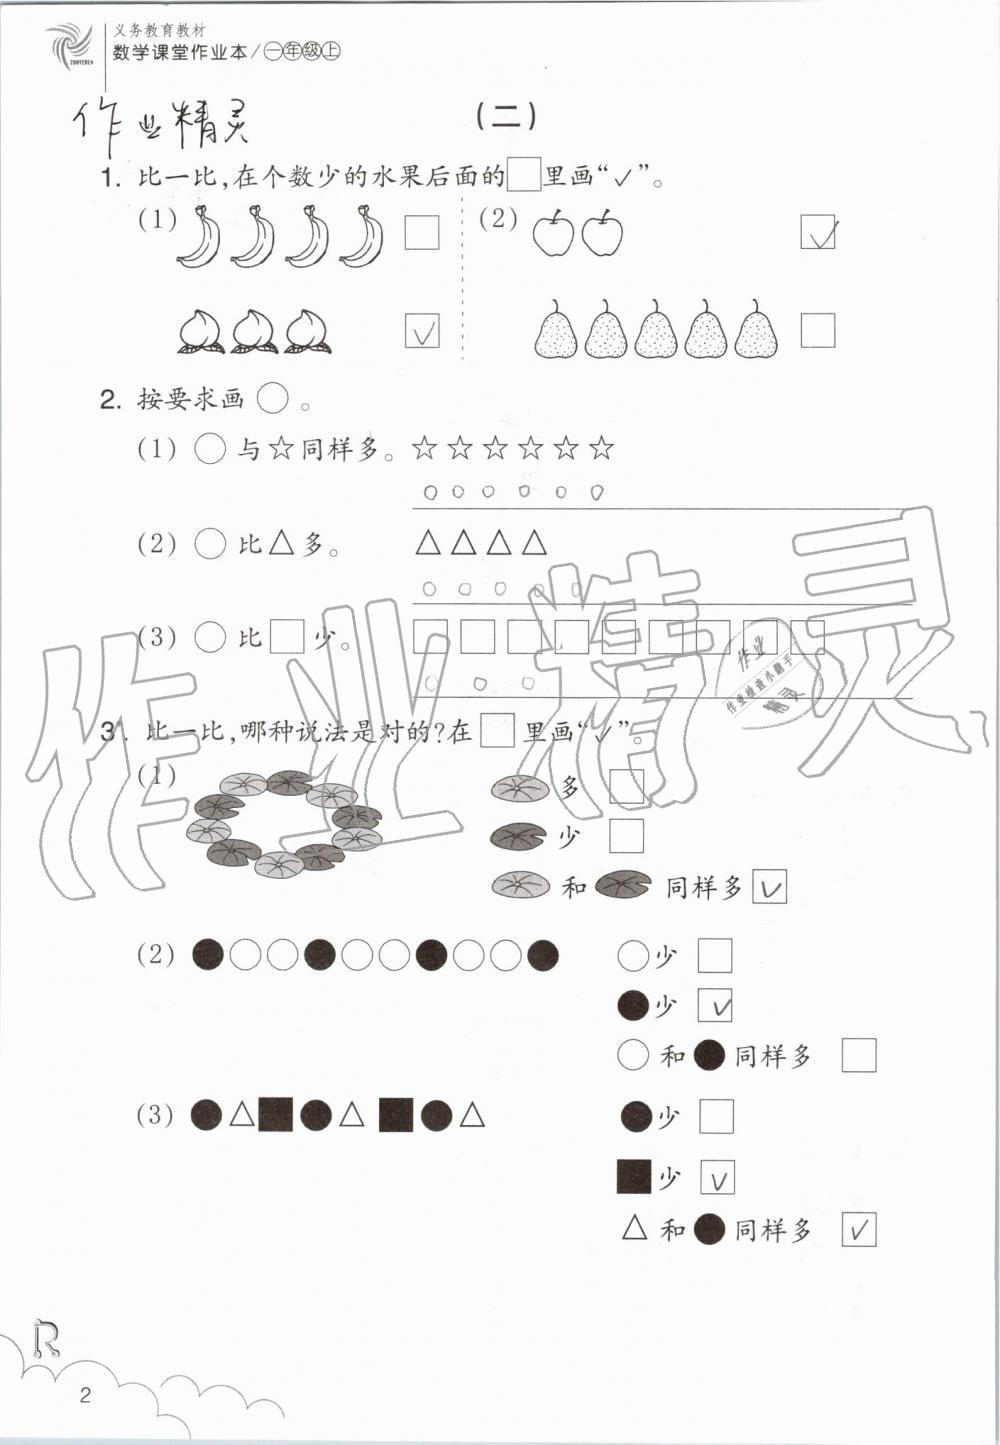 2019年数学课堂作业本一年级上册人教版浙江教育出版社第2页